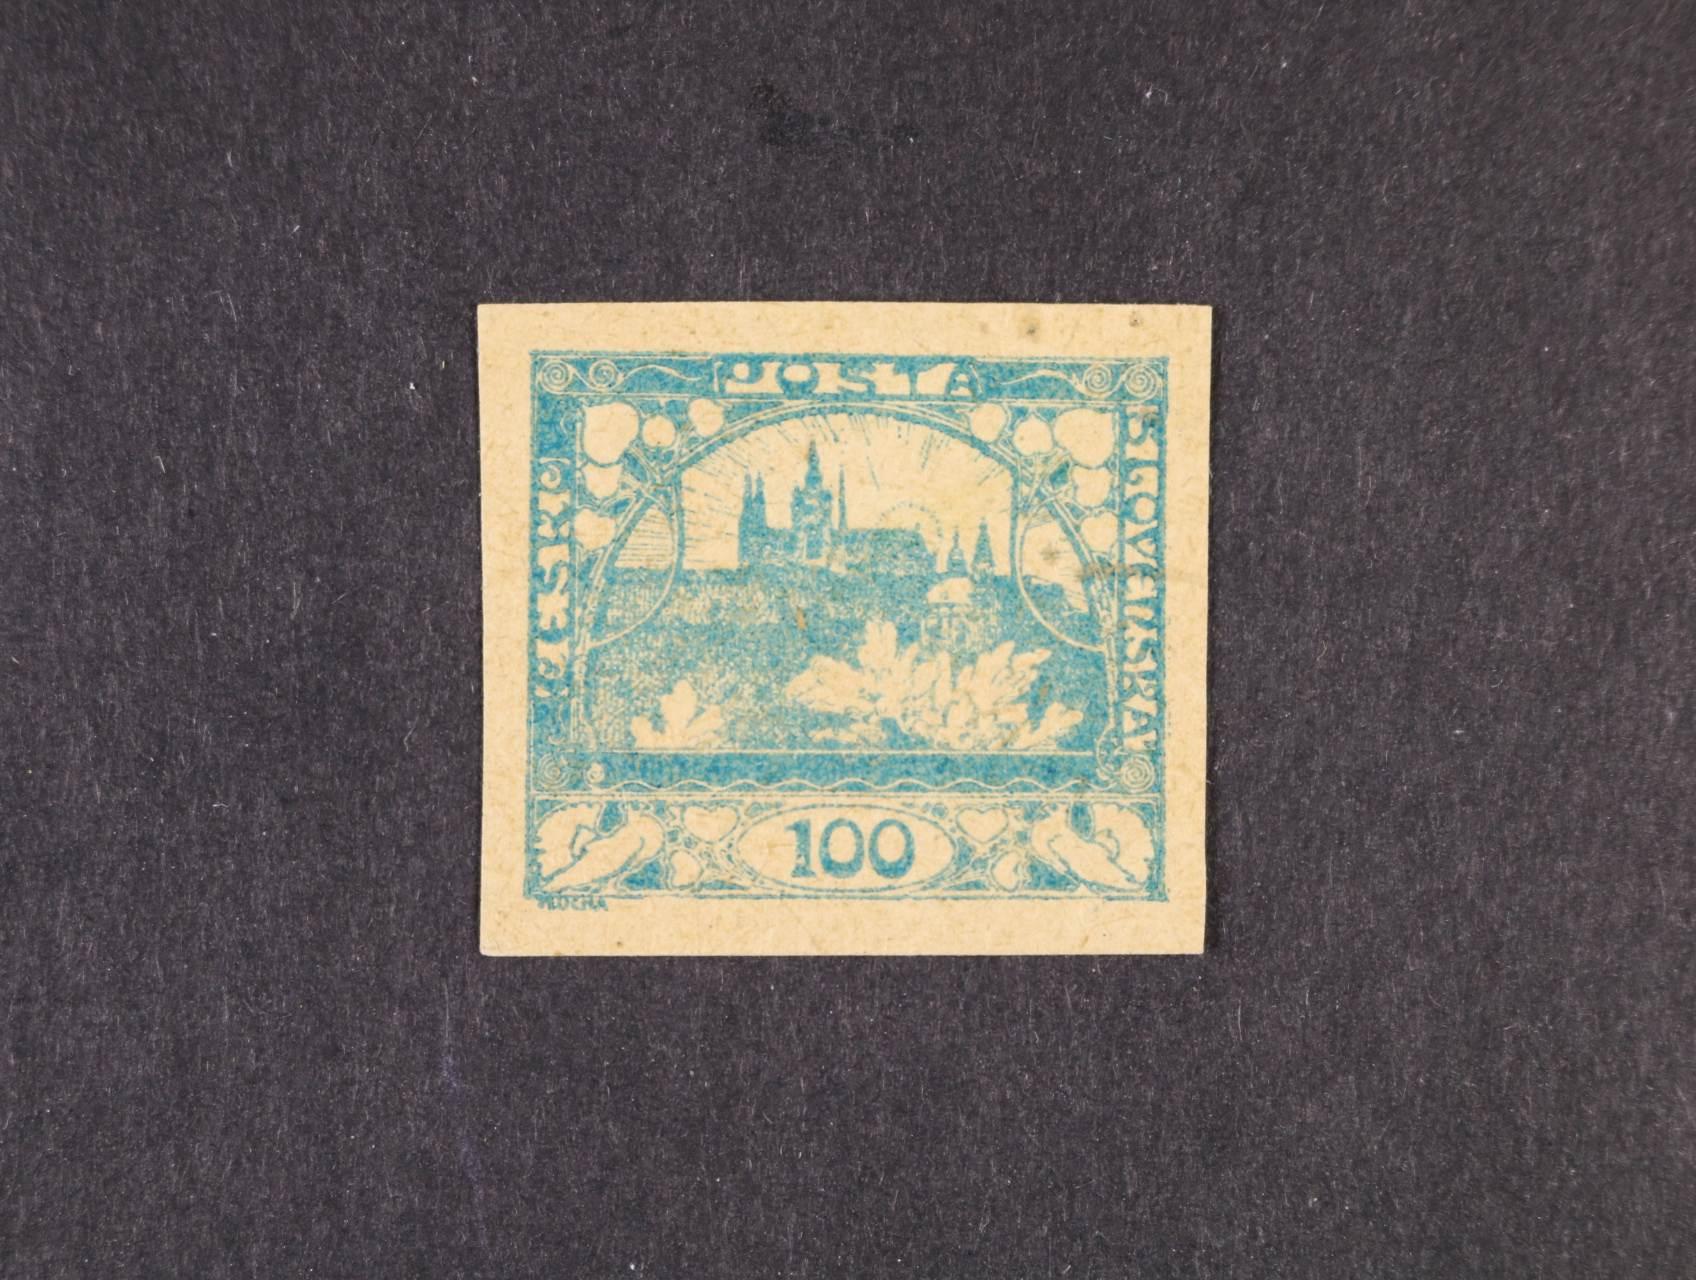 ZT zn. č. 20 v barvě zelené na nažloutlém papíře, zk. Gilbert